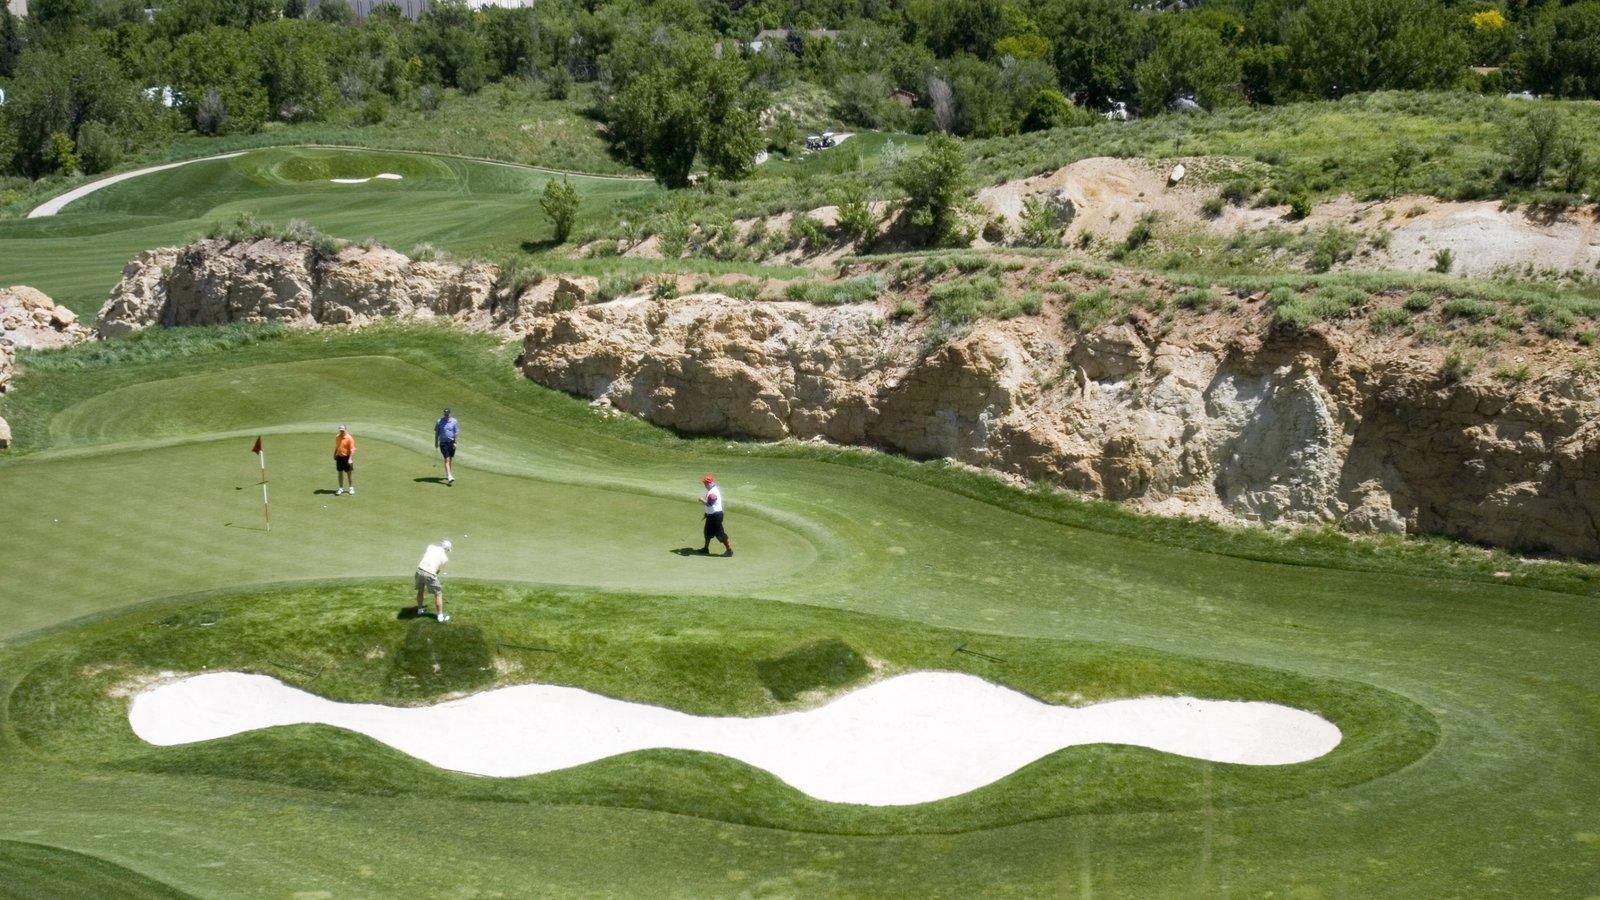 Golden caracterizando paisagem e golfe